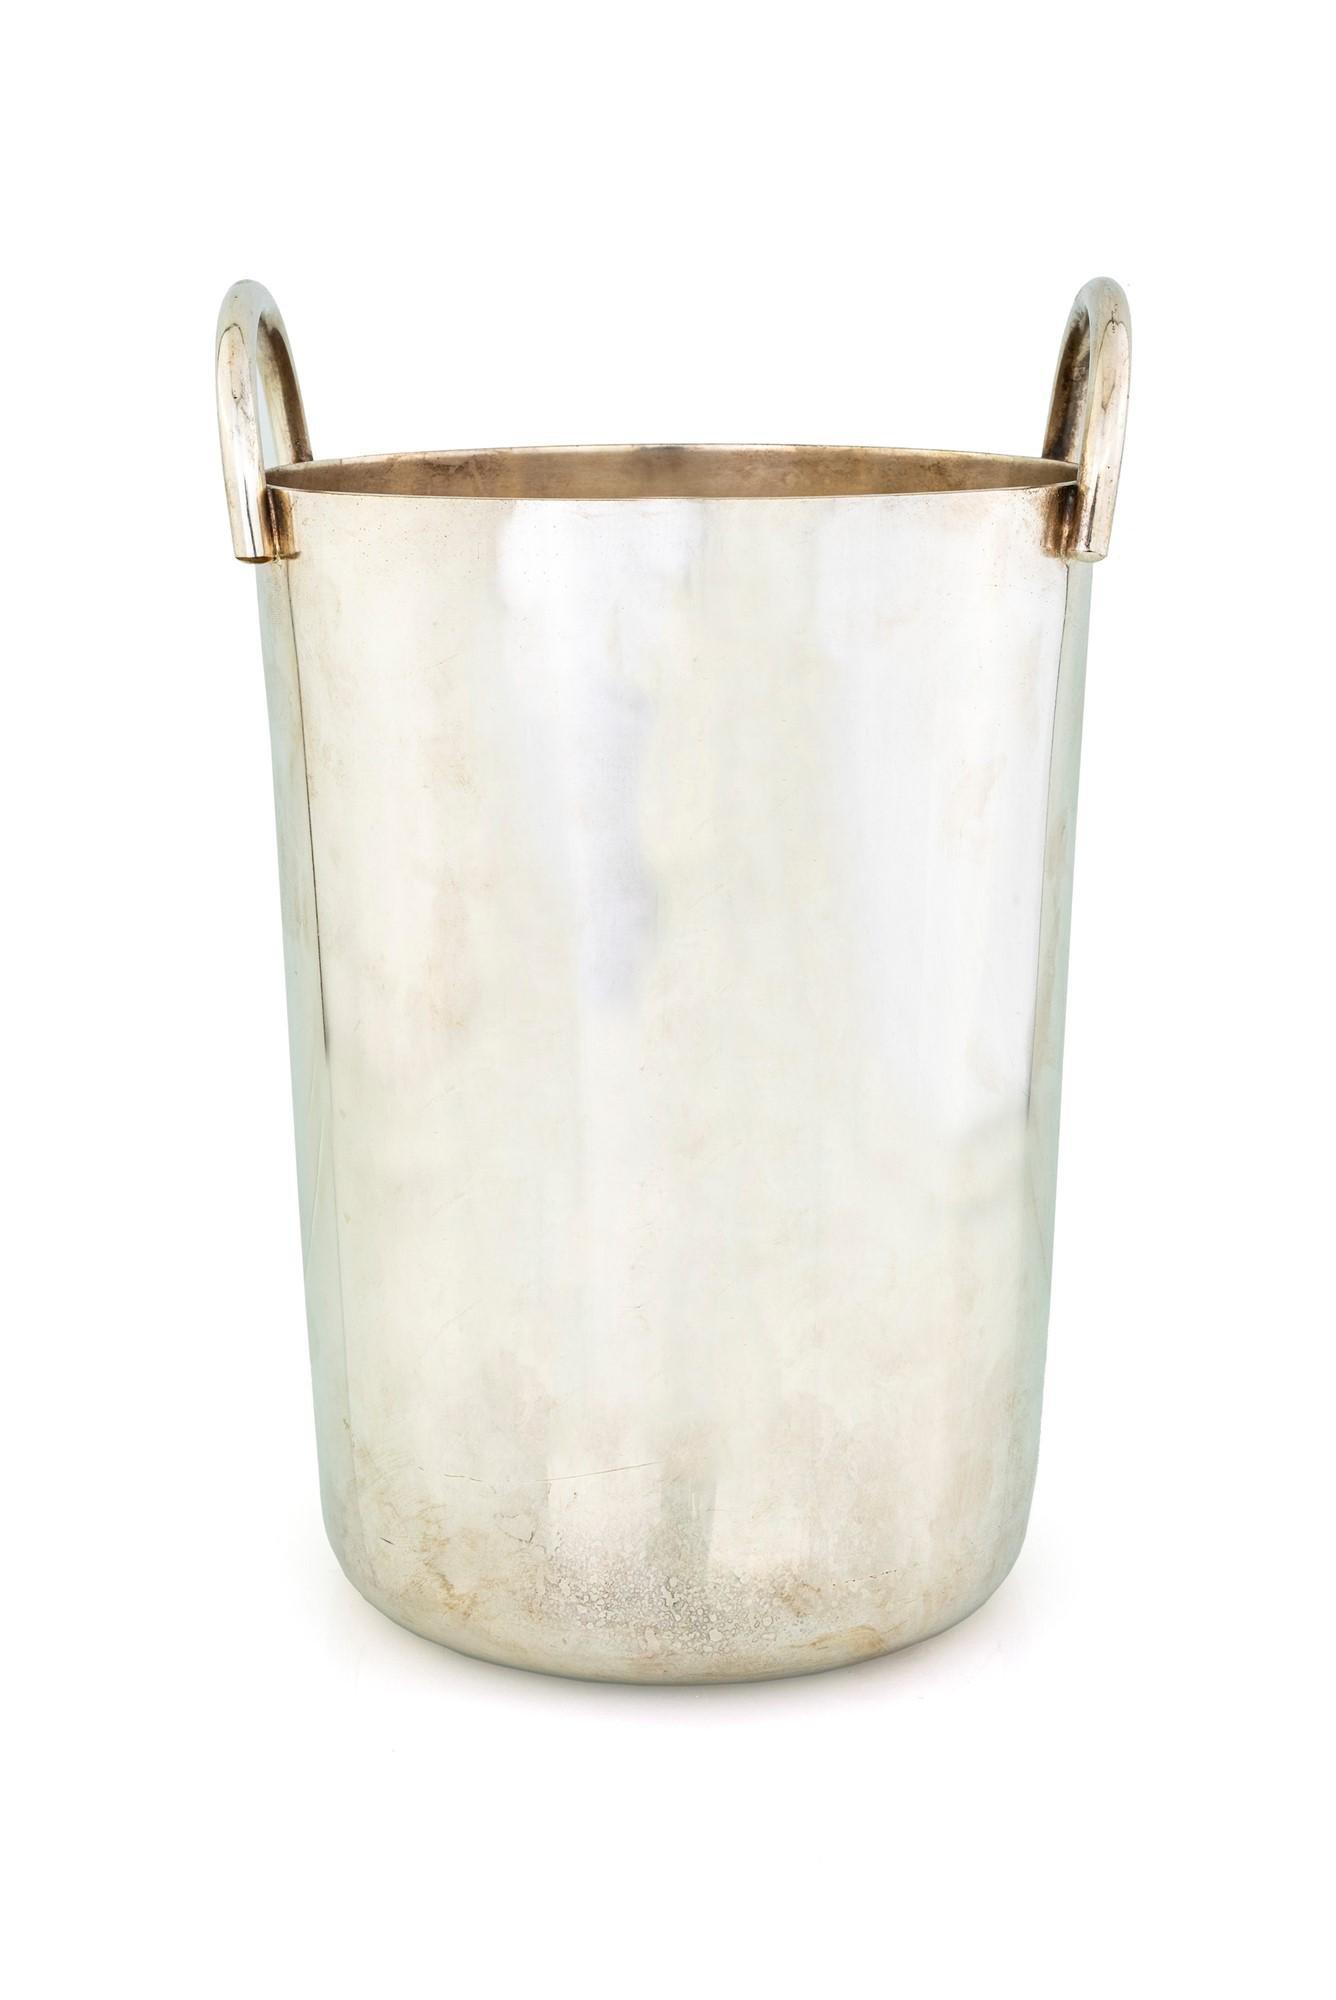 Silver metal bottle holder